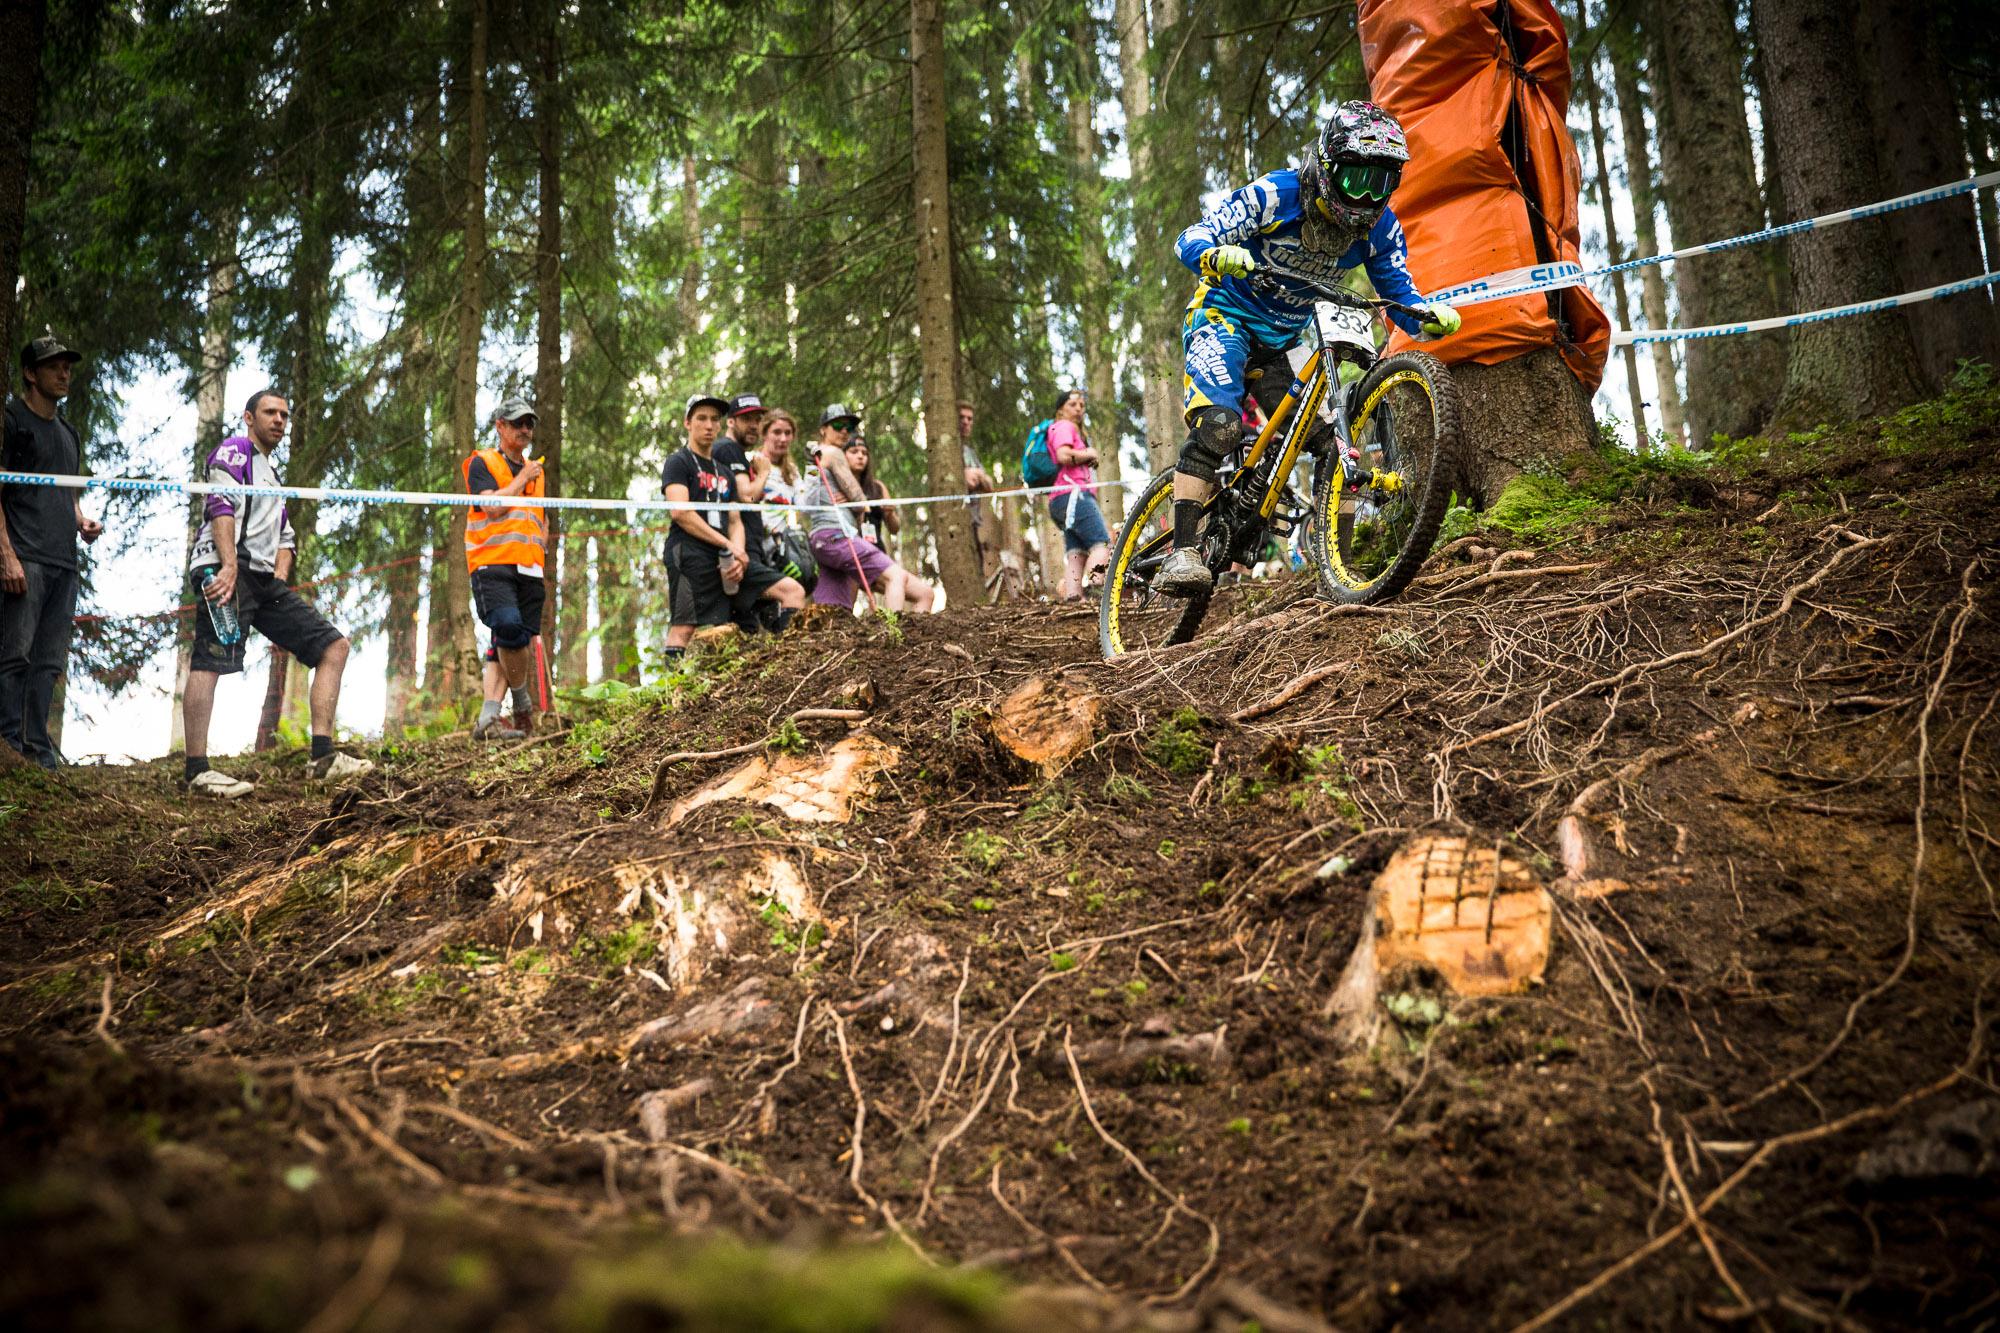 Der neue Waldabschnitt bietet jede Menge Auswahl an Lines. Joe Smith nimmt die obere Linie.